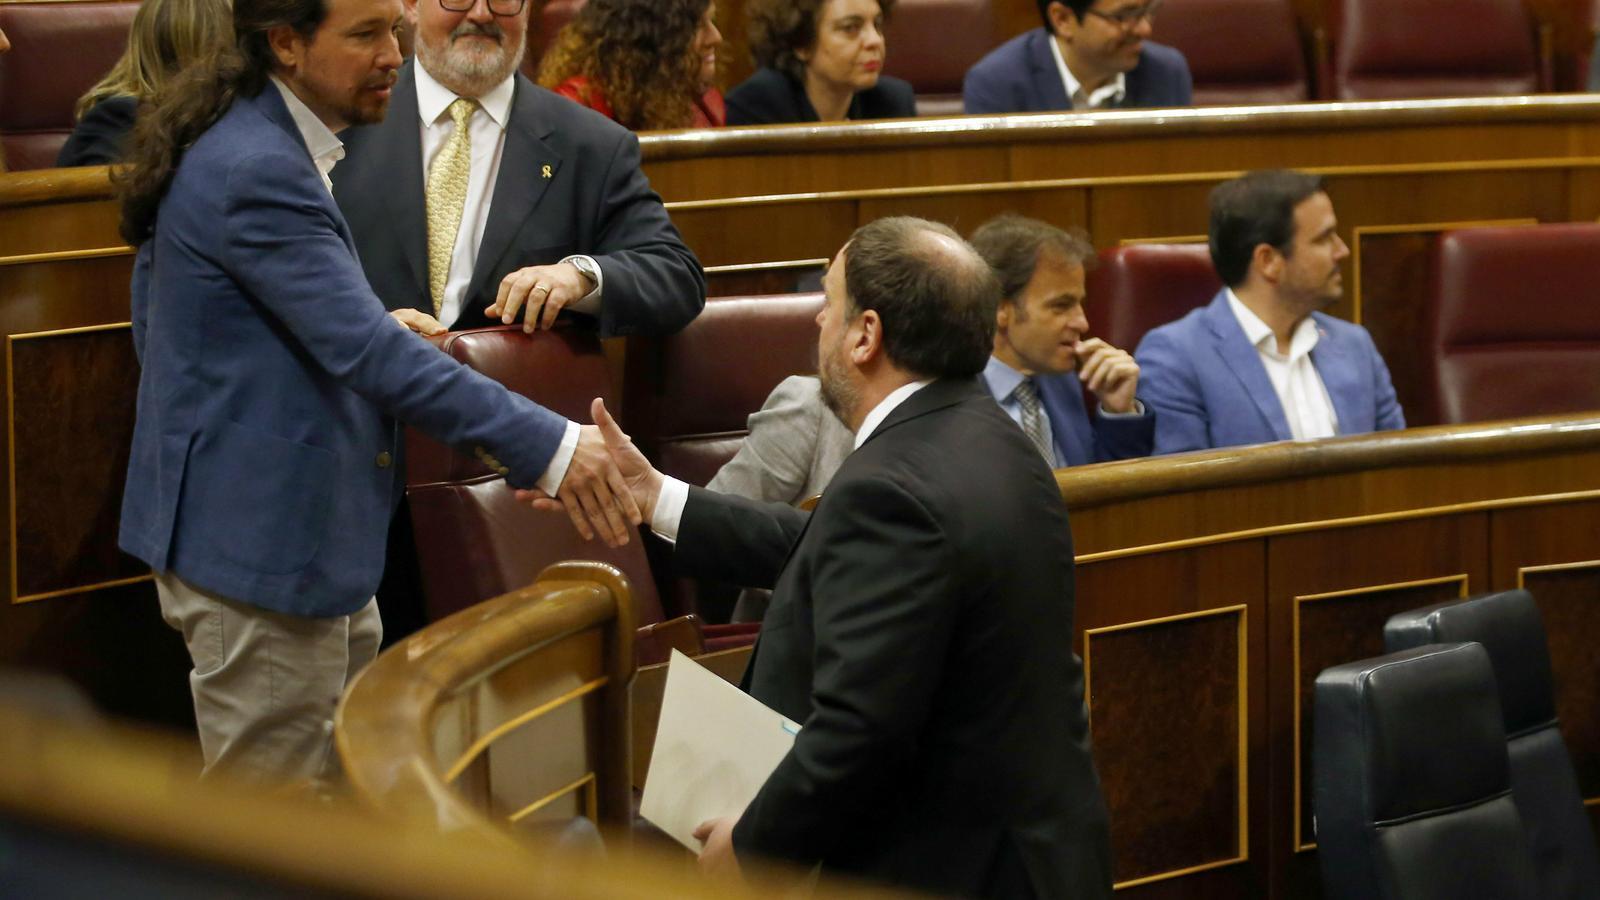 FOTOGALERIA: Petons, encaixades de mans i samarretes: la sessió constitutiva del Congrés i el Senat en fotos